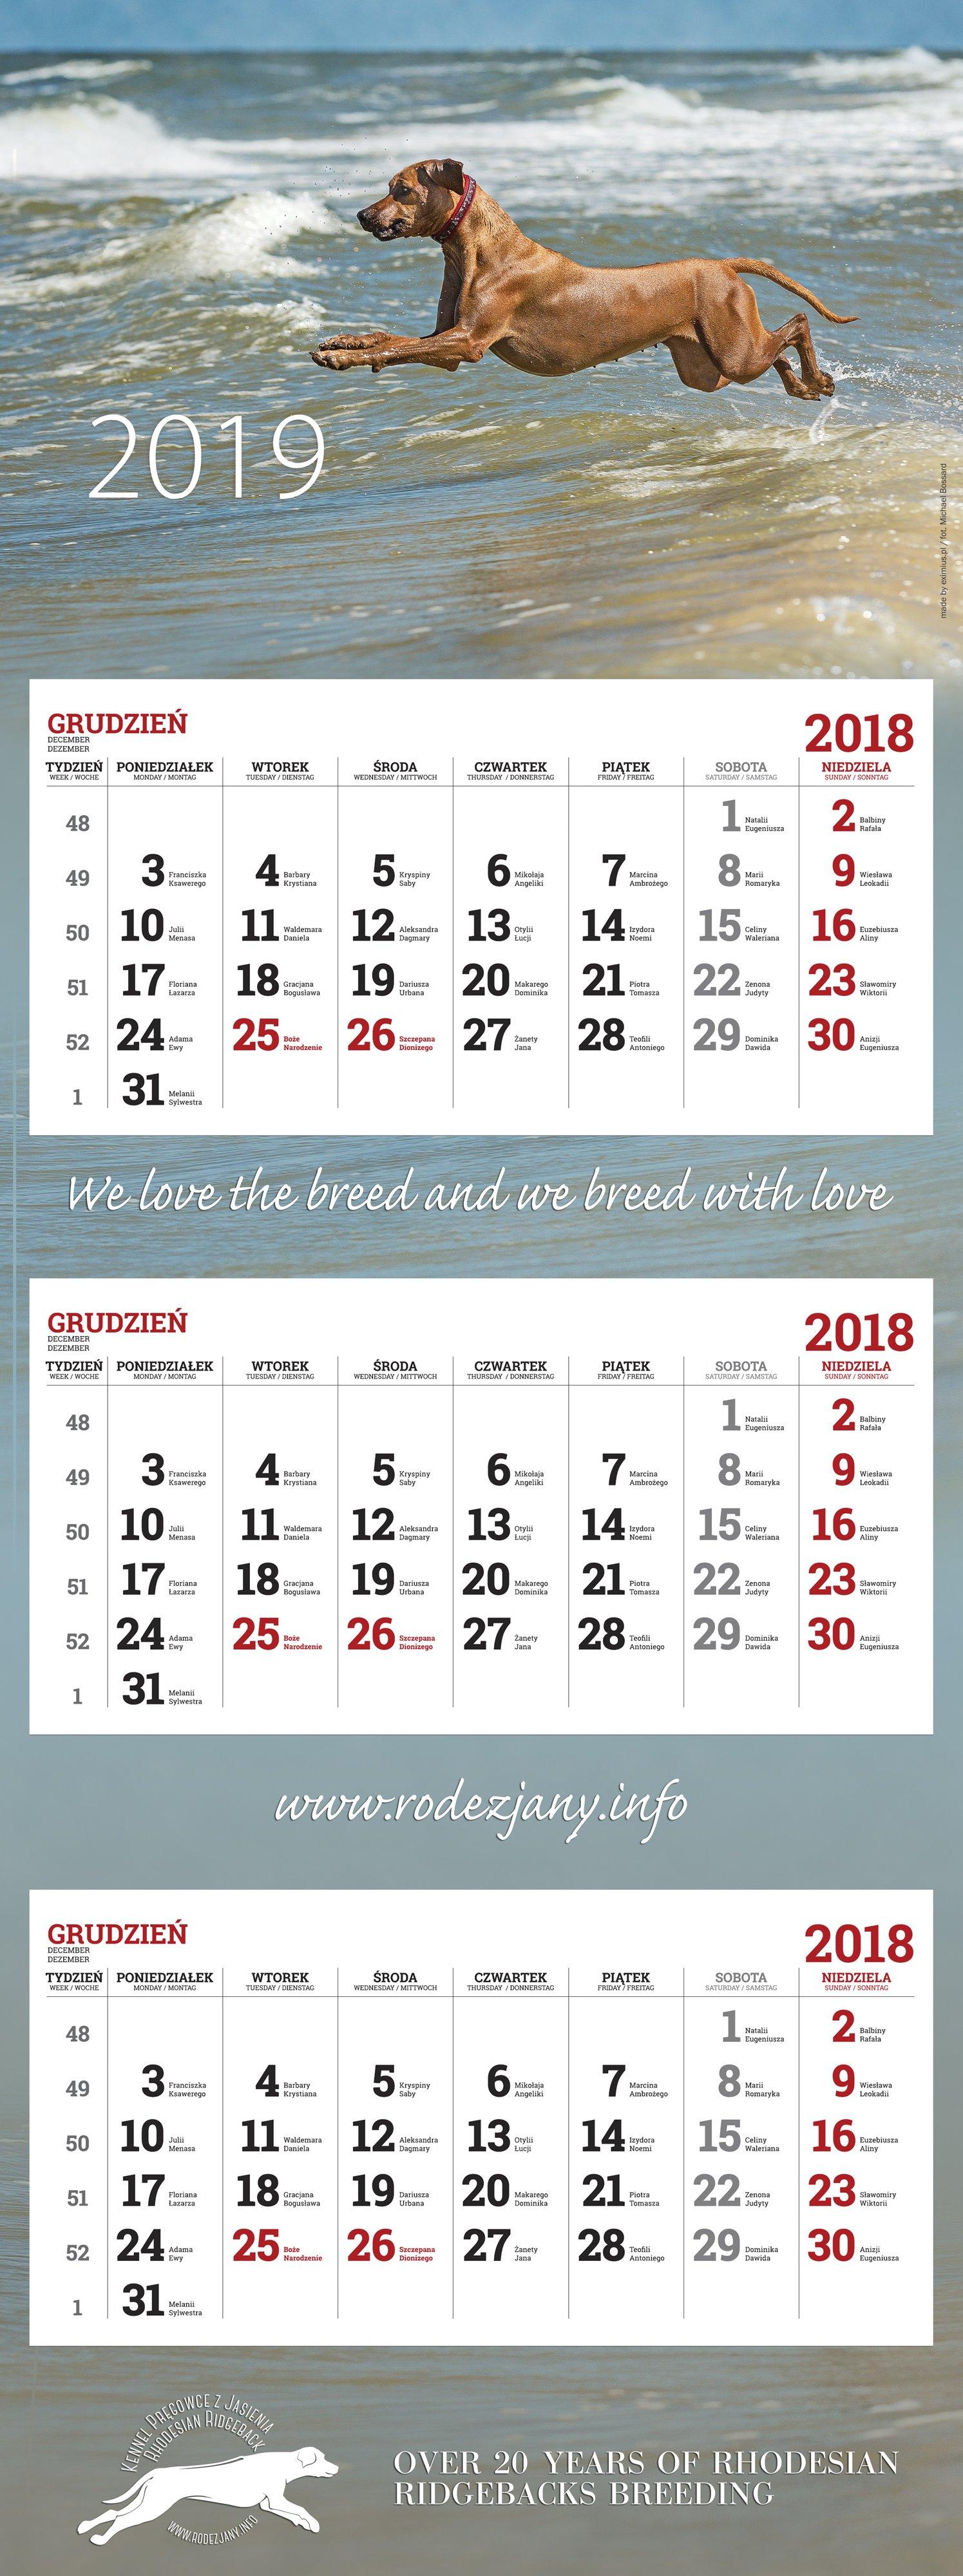 kalendarz-trojdzielny-nascienny-maxi-kalendarze-2018-maxi